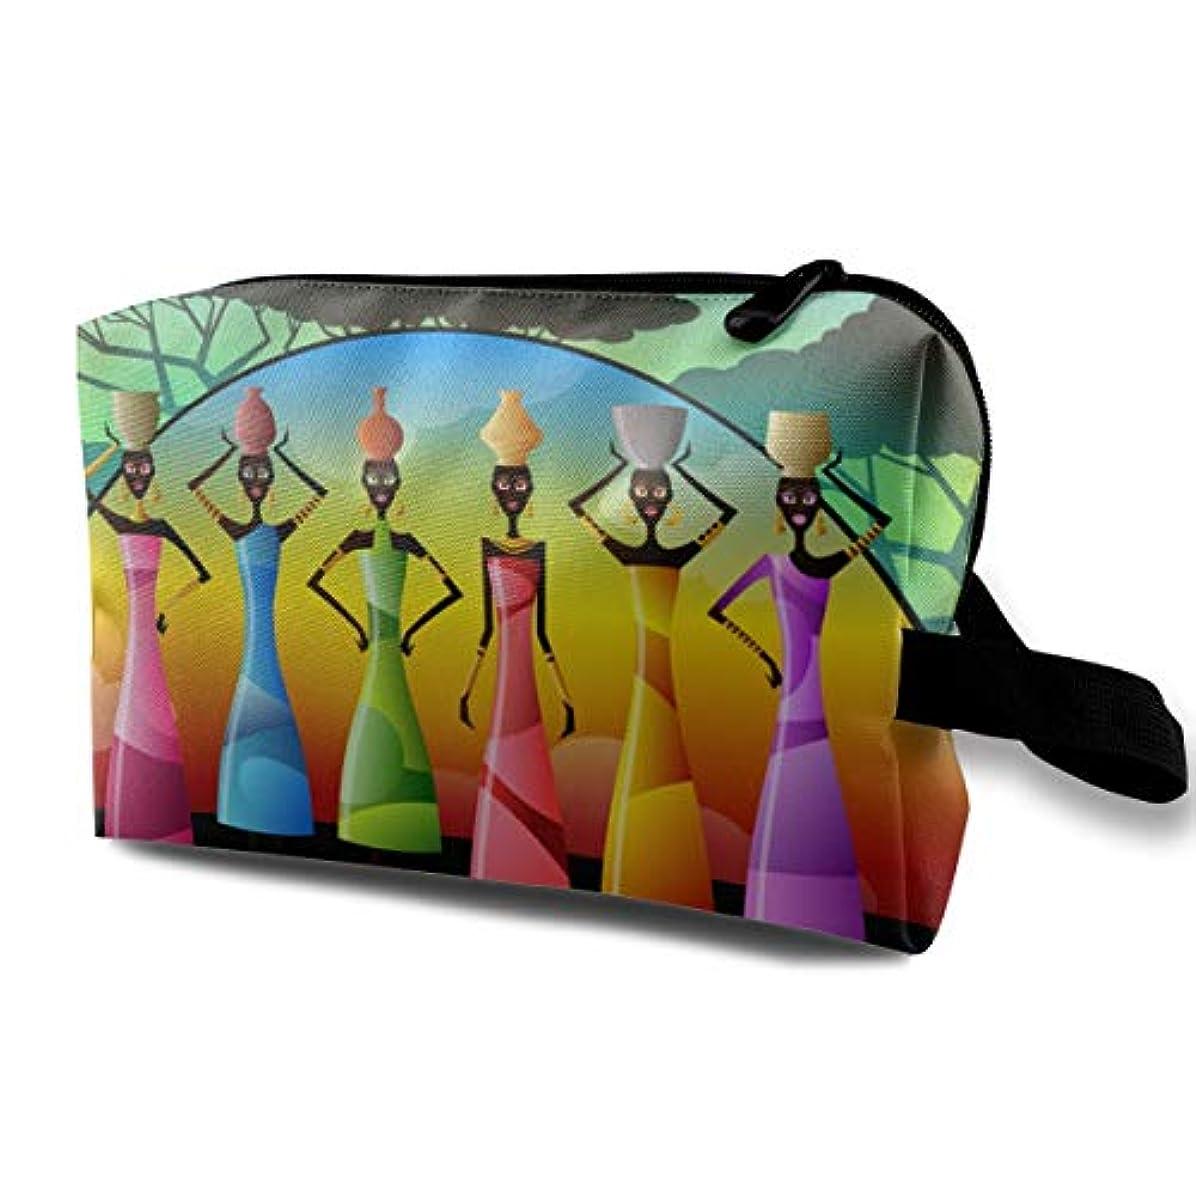 バケツ読書をするキウイAfrican Women With Colorful Dresses 収納ポーチ 化粧ポーチ 大容量 軽量 耐久性 ハンドル付持ち運び便利。入れ 自宅?出張?旅行?アウトドア撮影などに対応。メンズ レディース トラベルグッズ